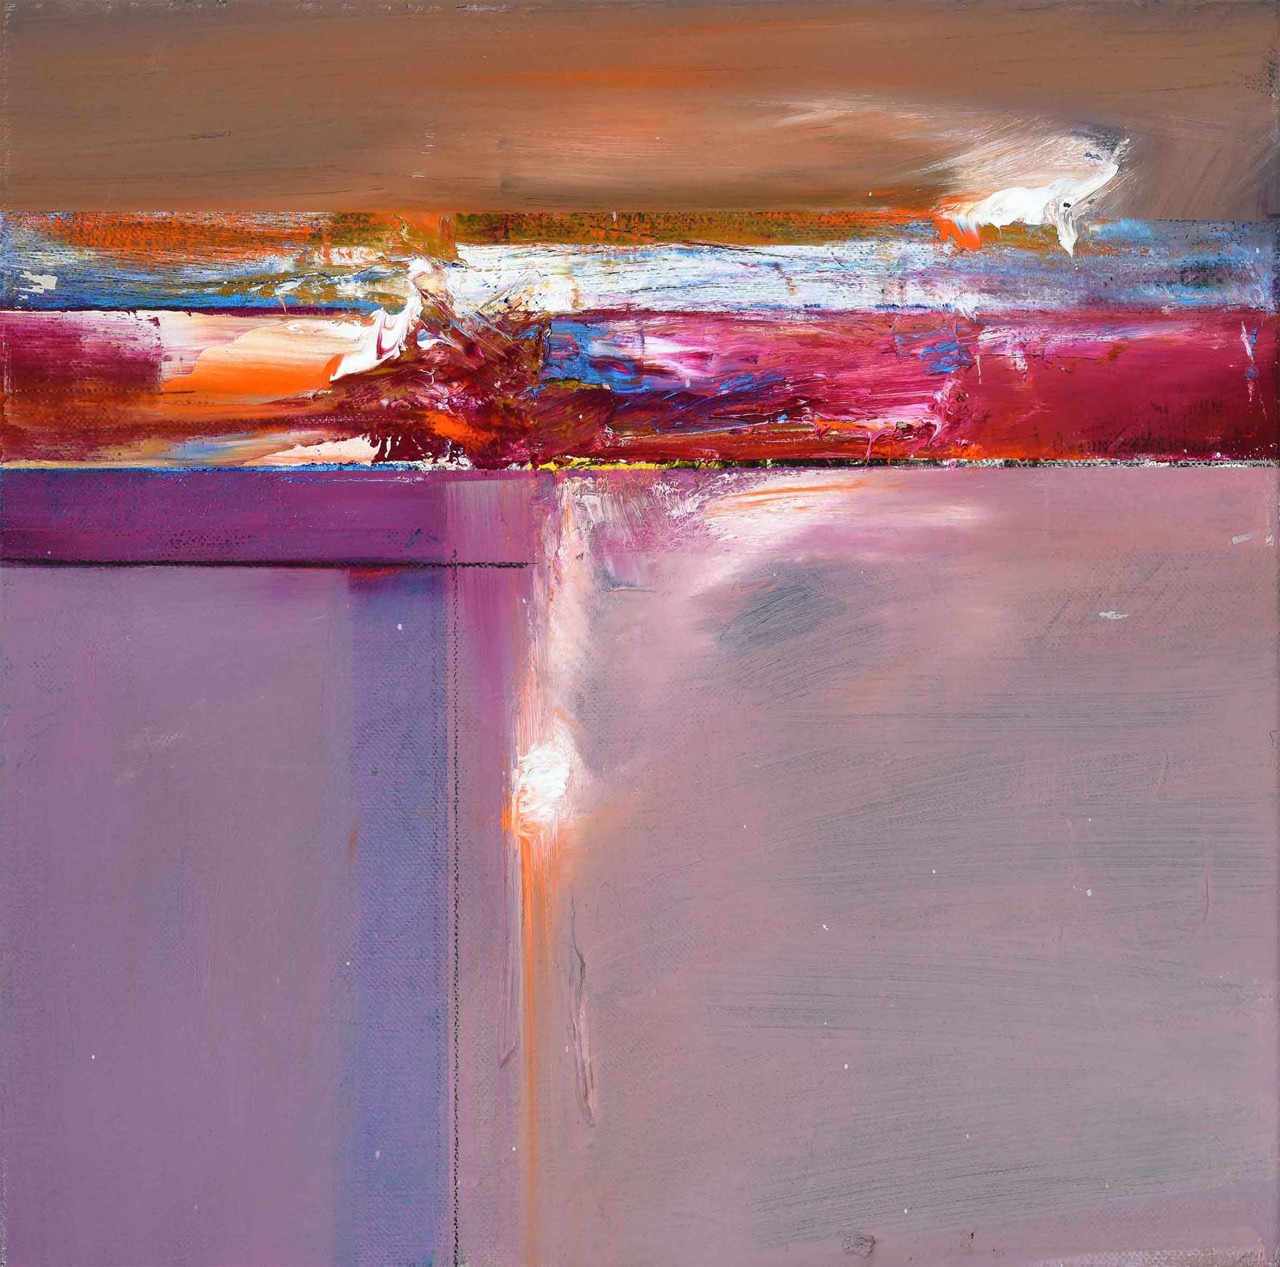 John Waller Transformant Oil on linen 60 x 60 cm